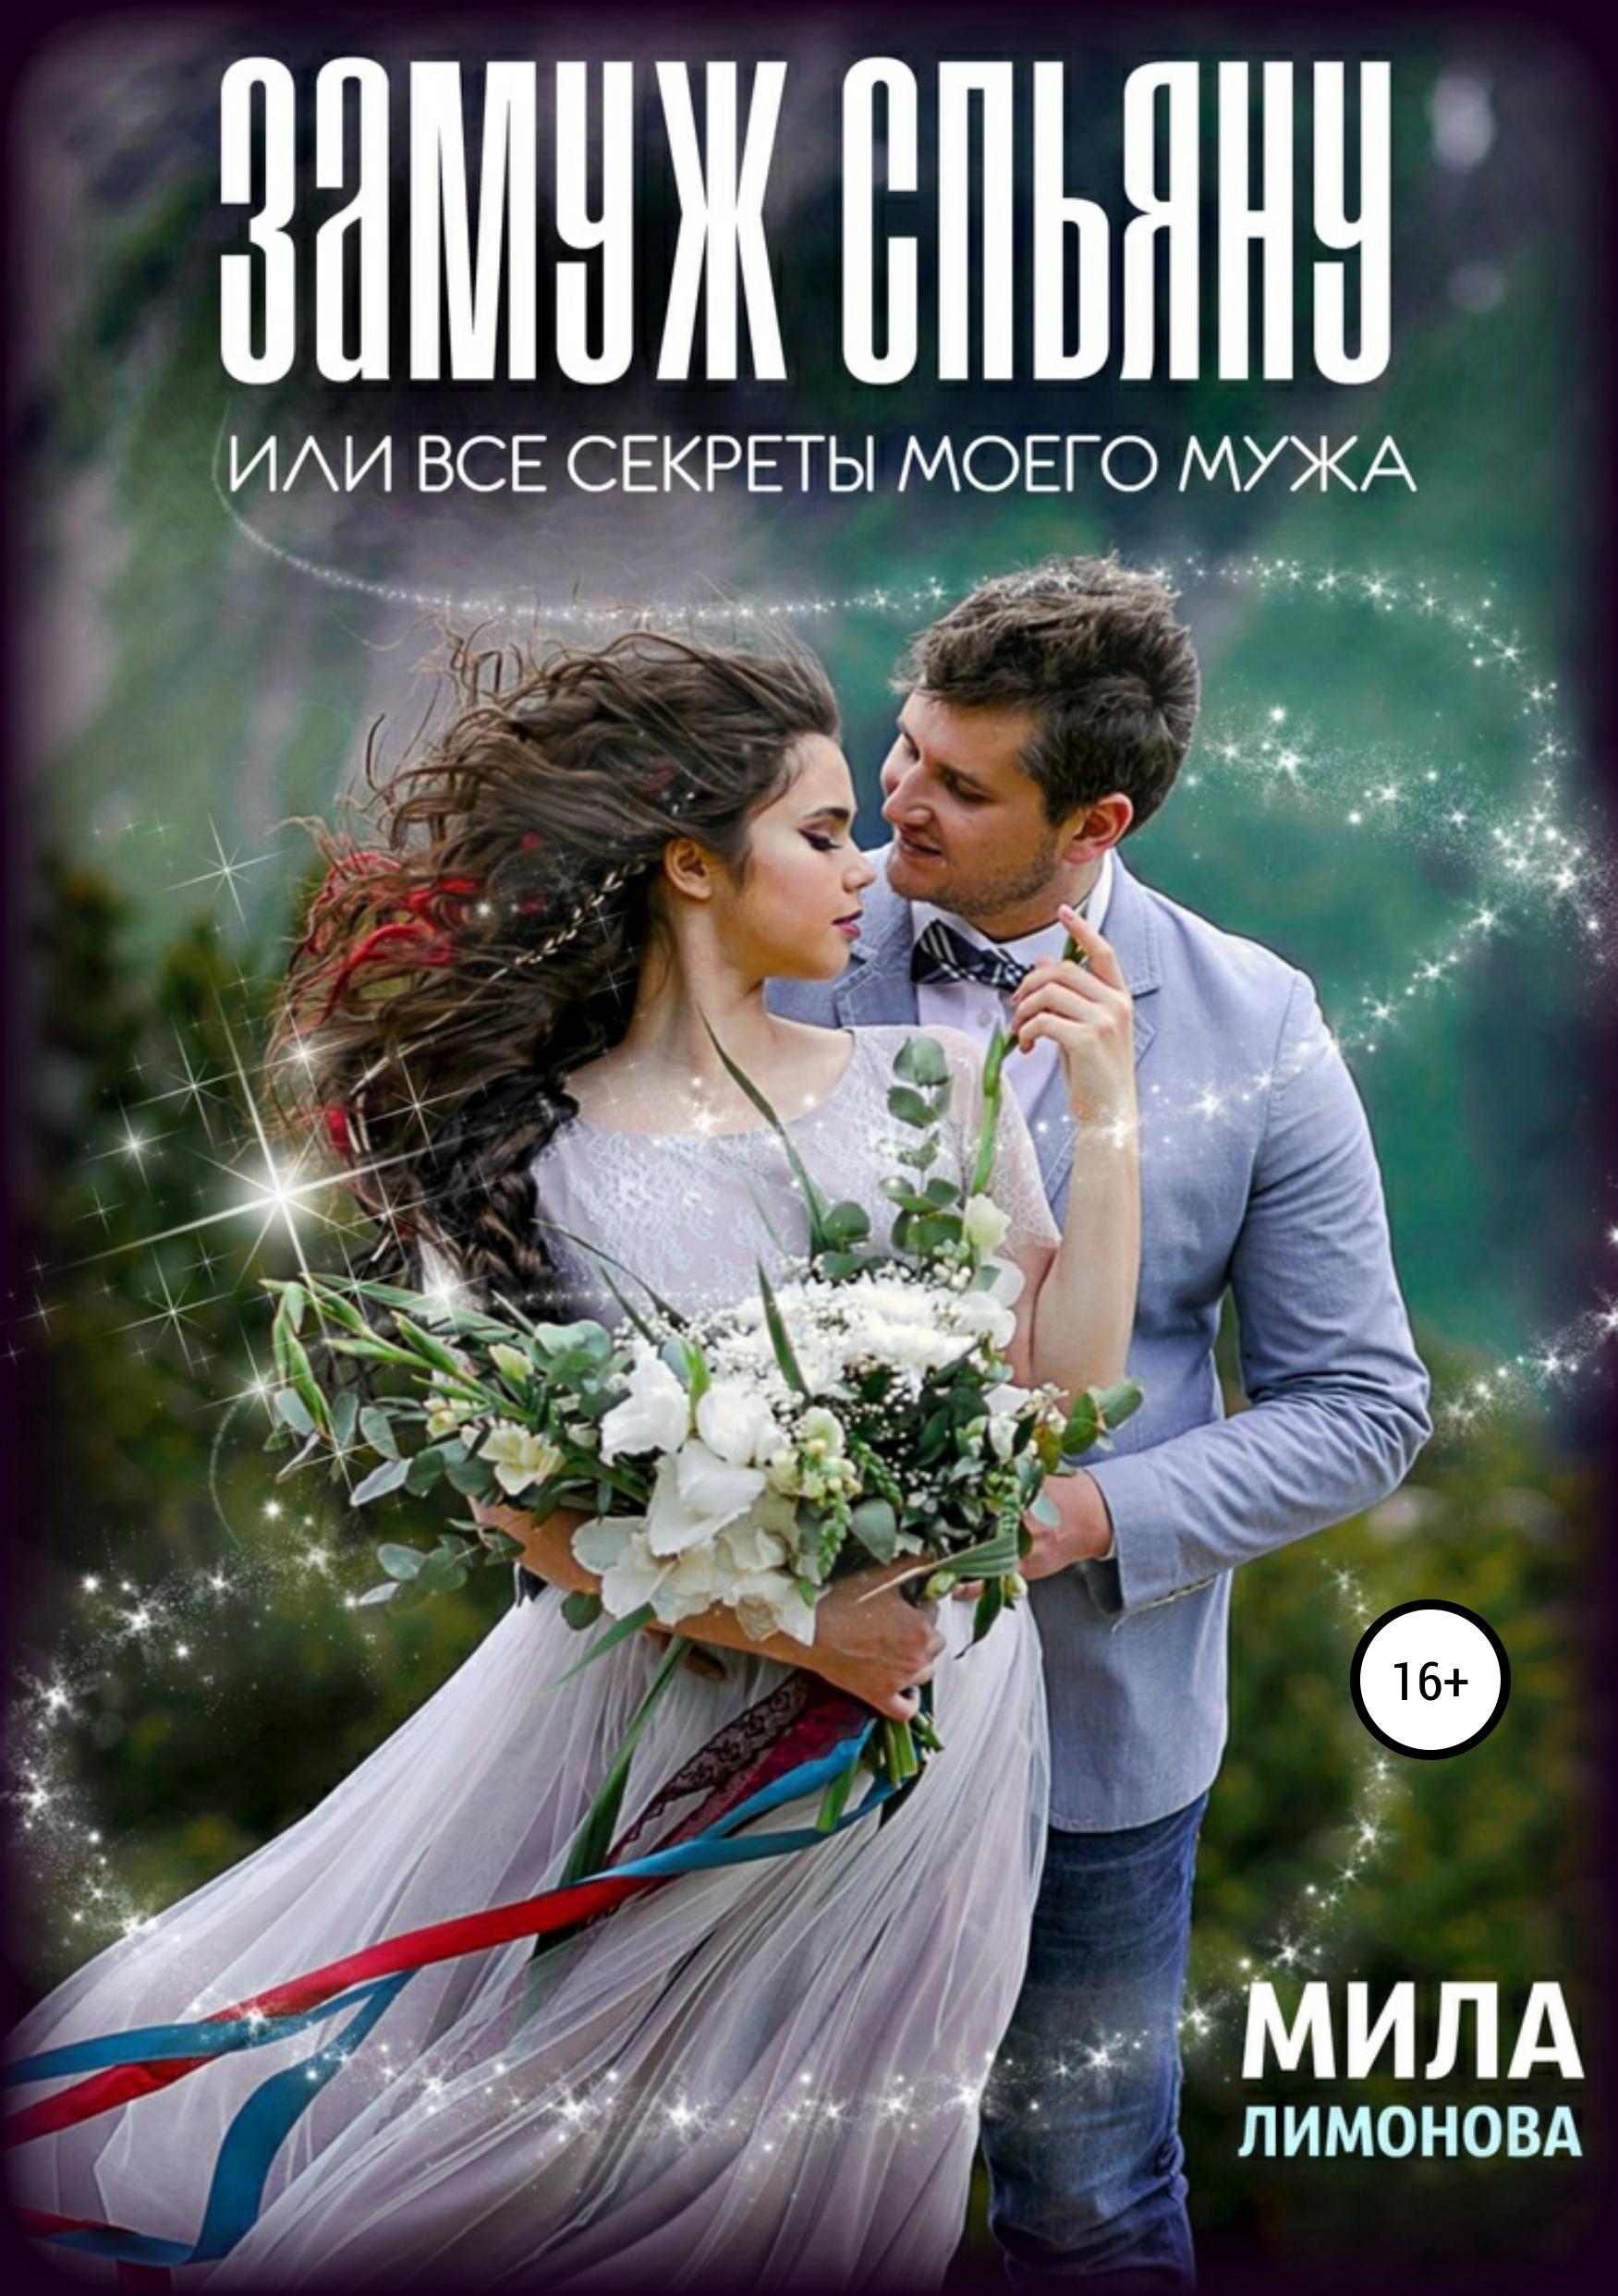 Купить книгу Замуж спьяну, или Все секреты моего мужа, автора Милы Лимоновой